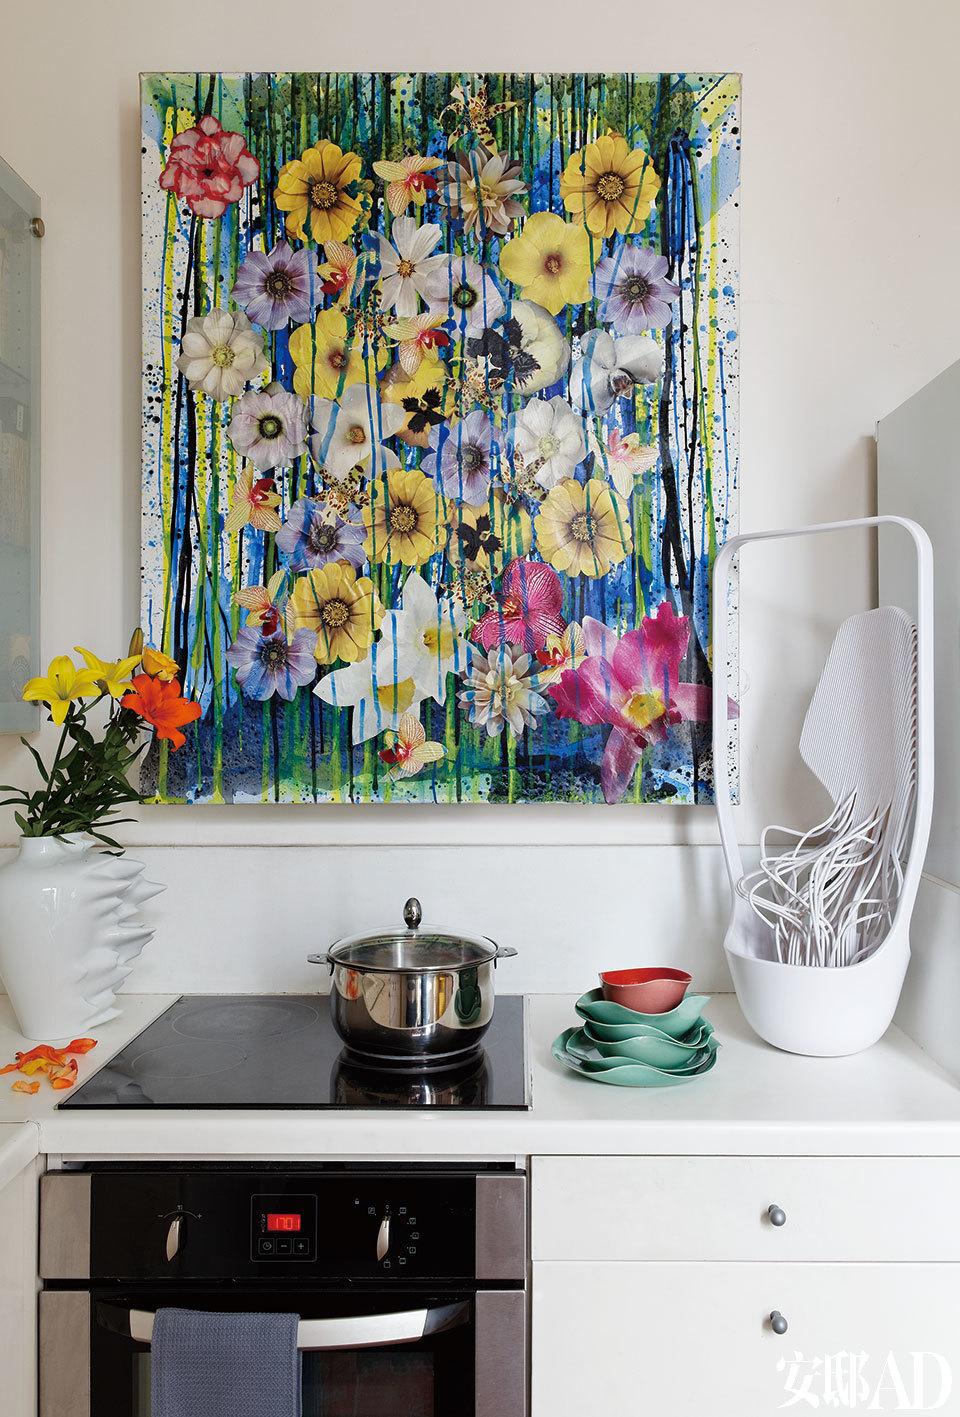 简洁的厨房因这幅繁花似锦的艺术品而立现生机。洁白无瑕的厨房被Pierre Ziegler的墙画照耀着。里面摆放着Cédric Ragot为Ymer & Malta设计的Hyper Fast花瓶以及Benjamin Graindorge为Ymer & Malta设计的Ikebana–Medulla花瓶。